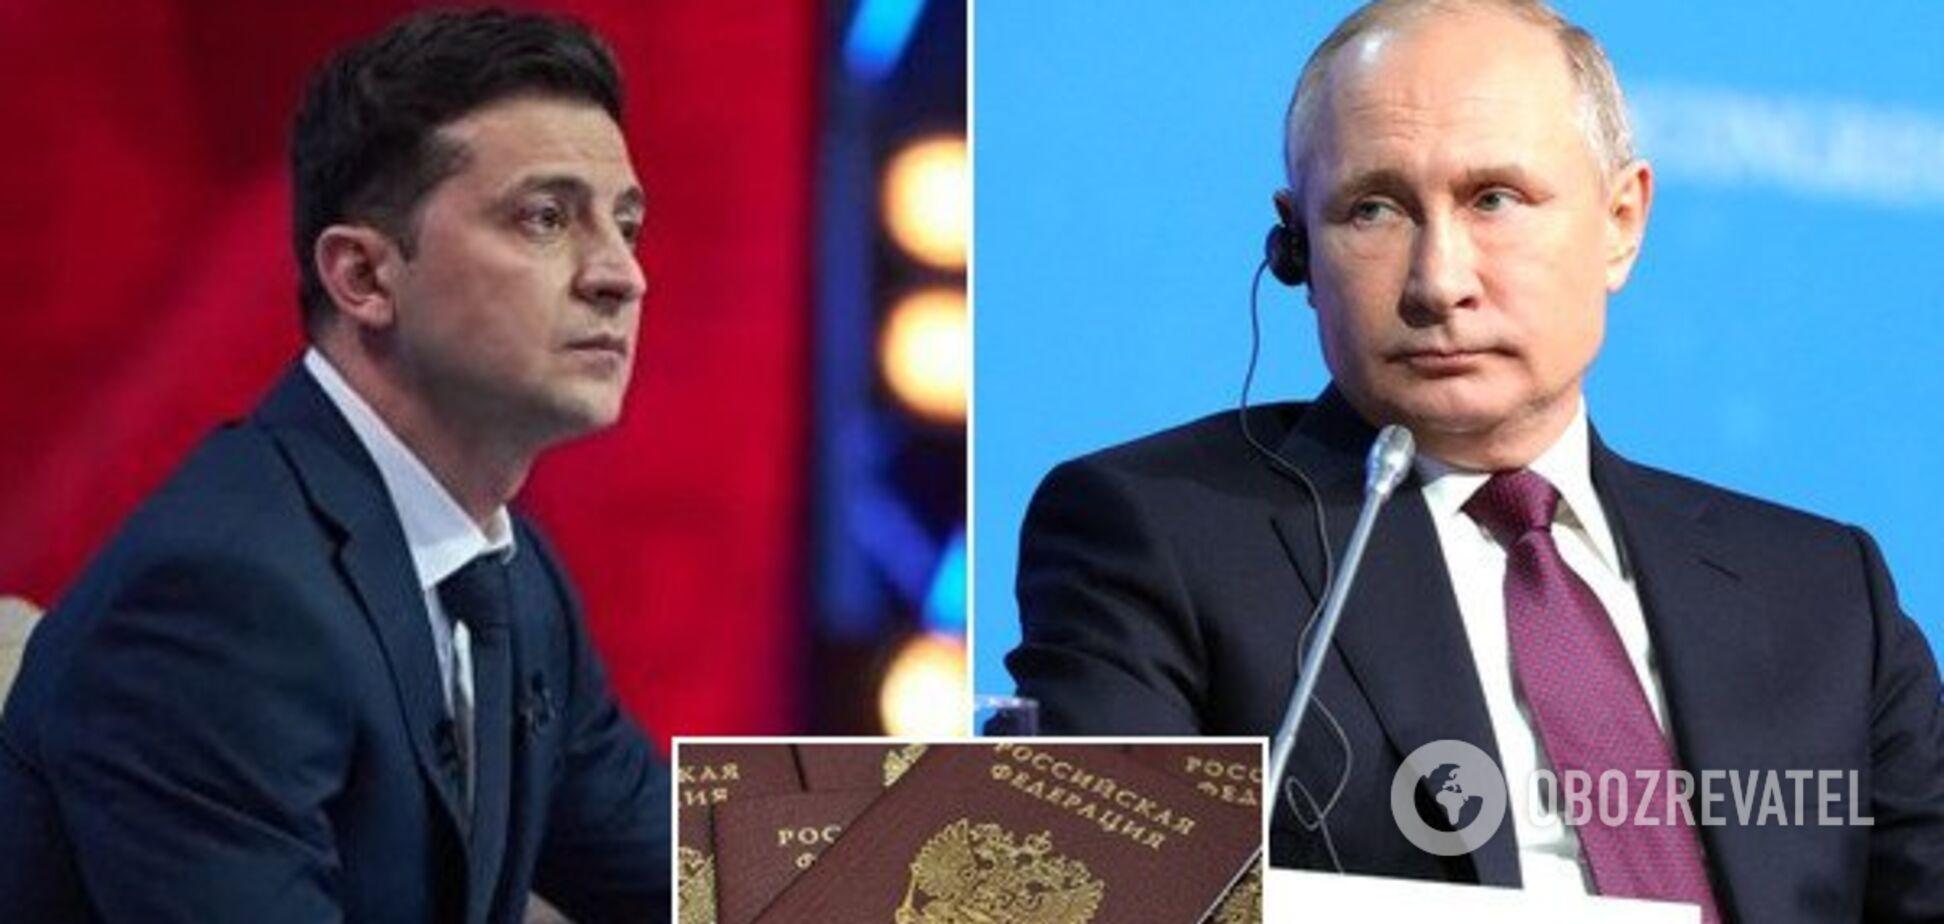 Россия уже начала раздавать паспорта на Донбассе. Как ответить Украине?